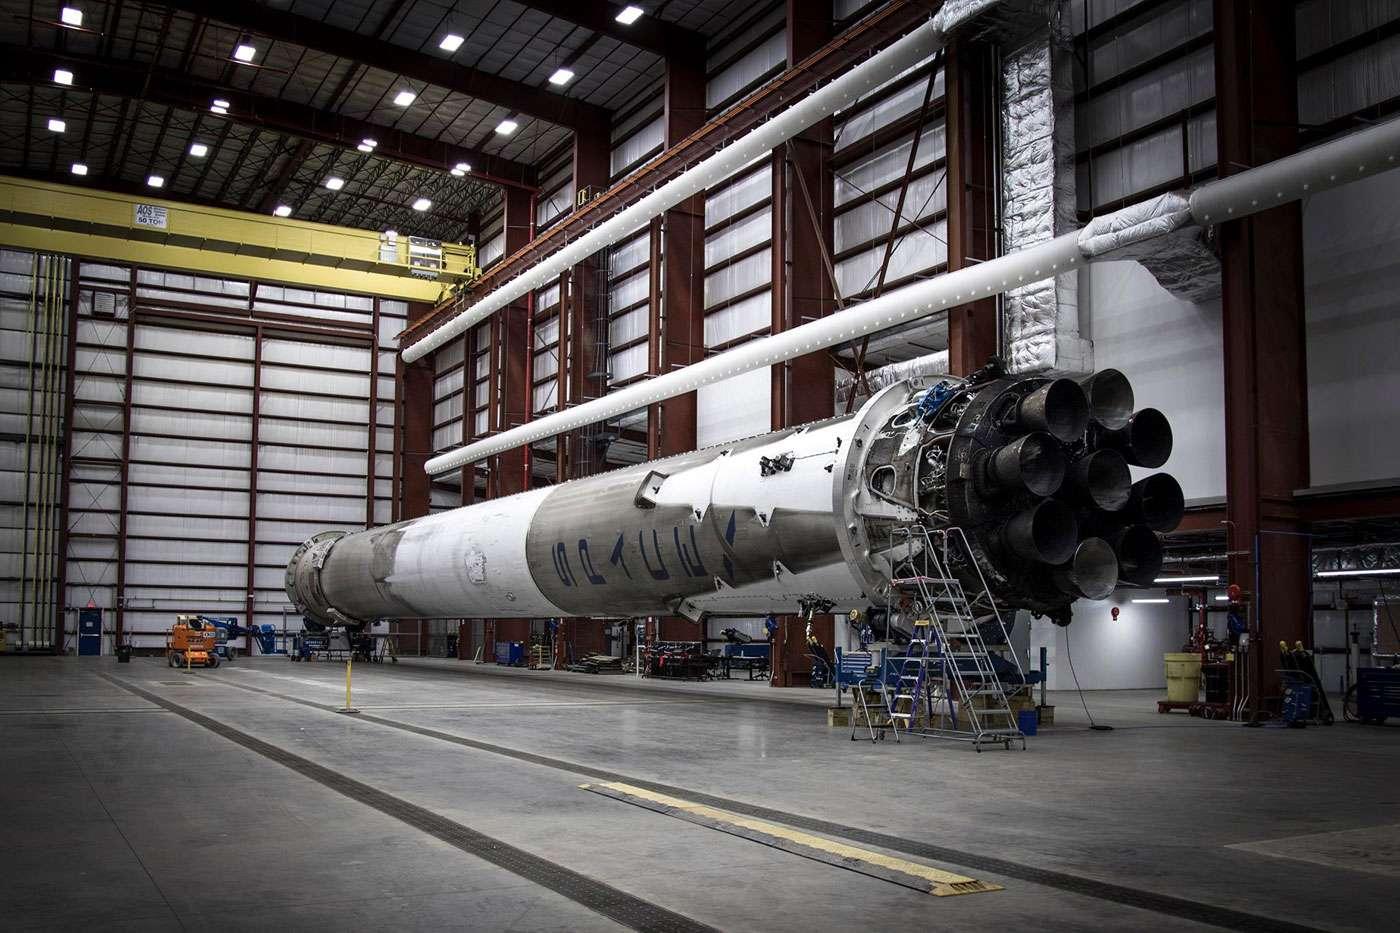 En position horizontale, l'étage récupéré du Falcon 9 attend d'être utilisé pour réaliser un essai statique de ses neuf moteurs. © SpaceX